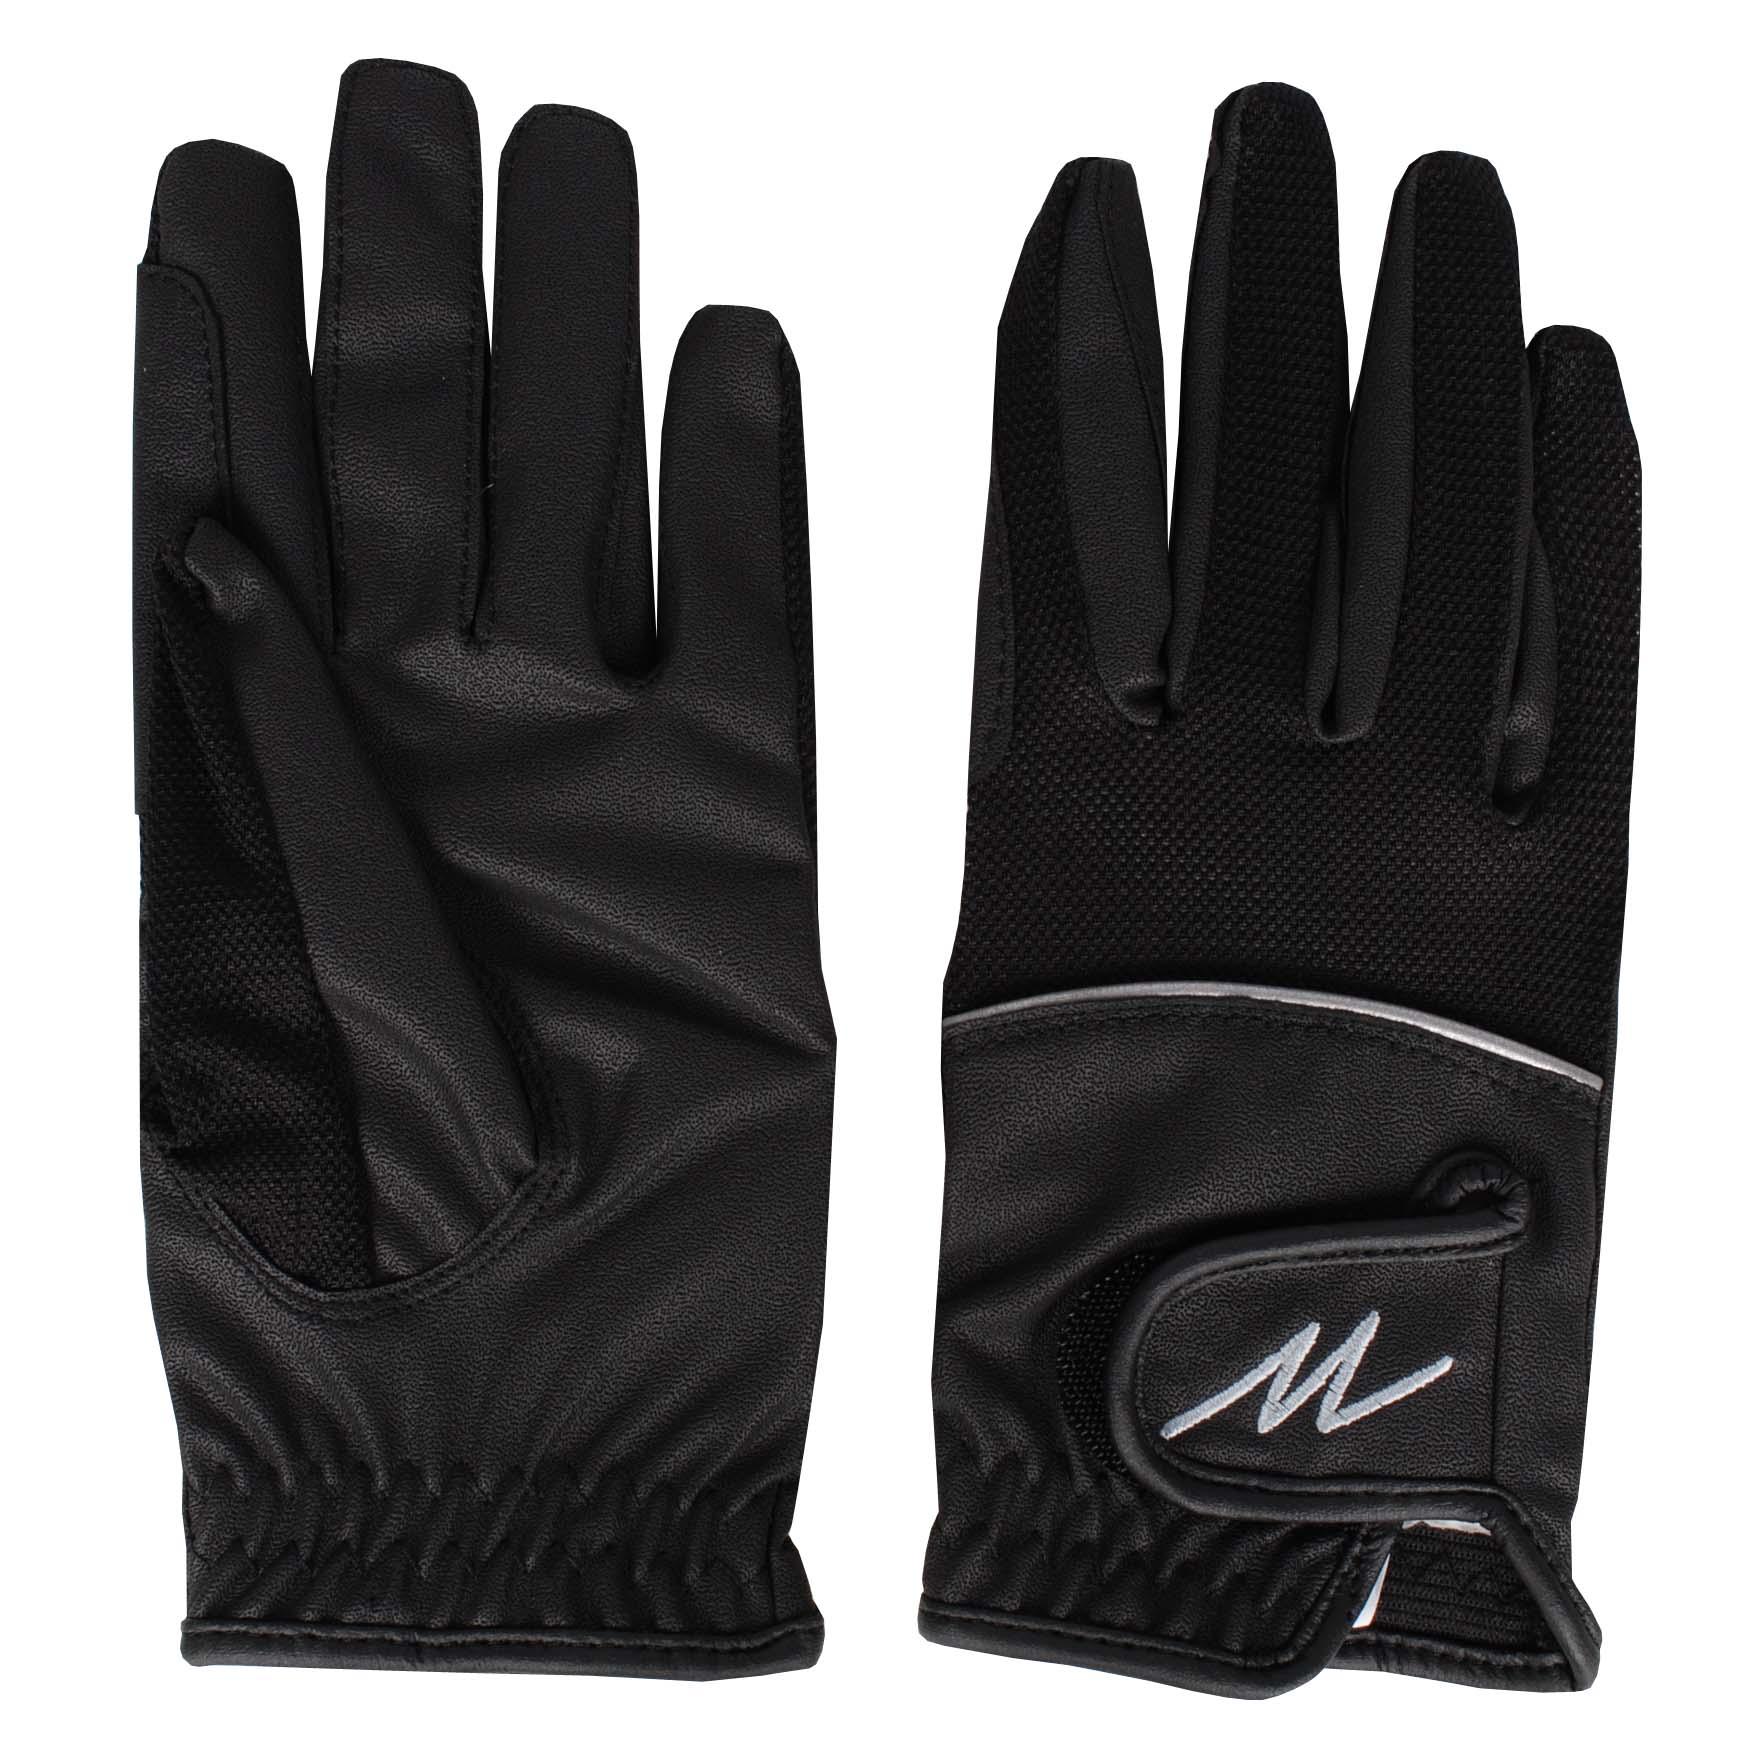 Mondoni Mendoza handschoenen zwart maat:m